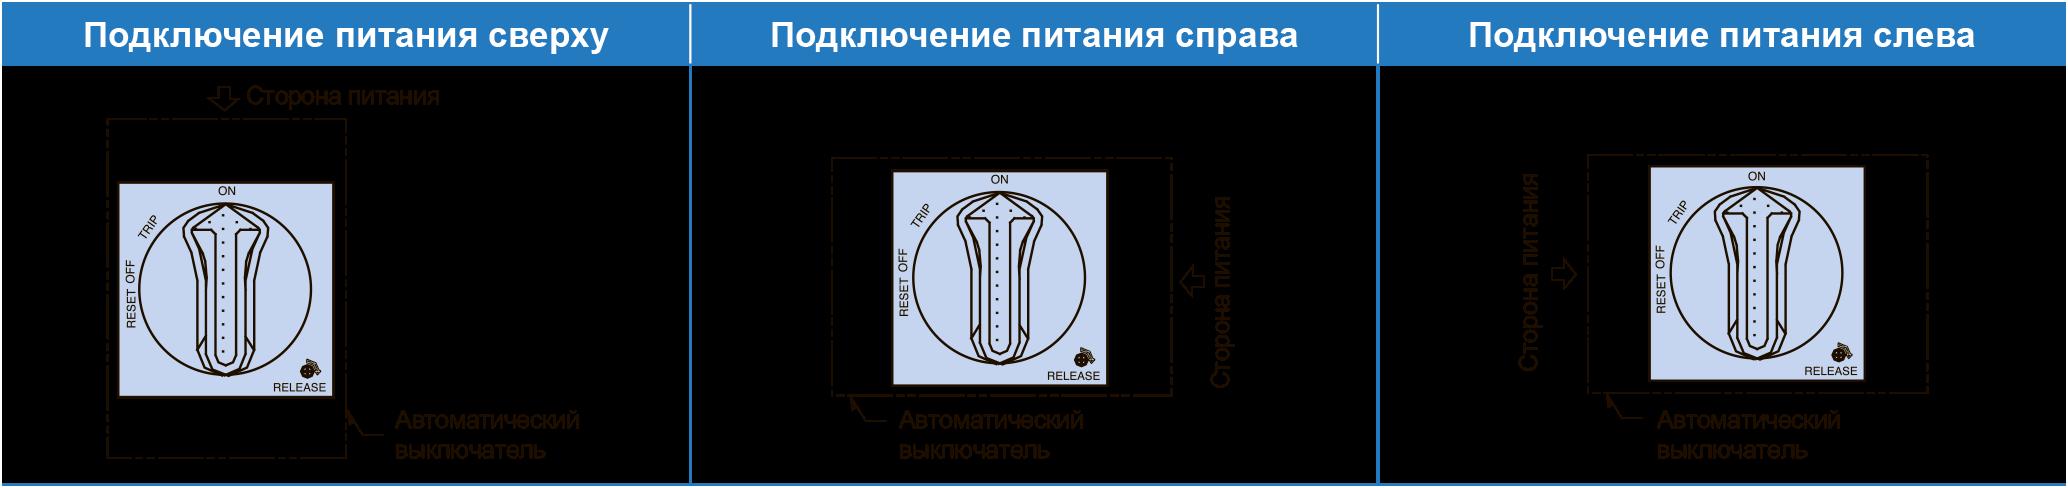 Направление подвода питания к автоматическому выключателю